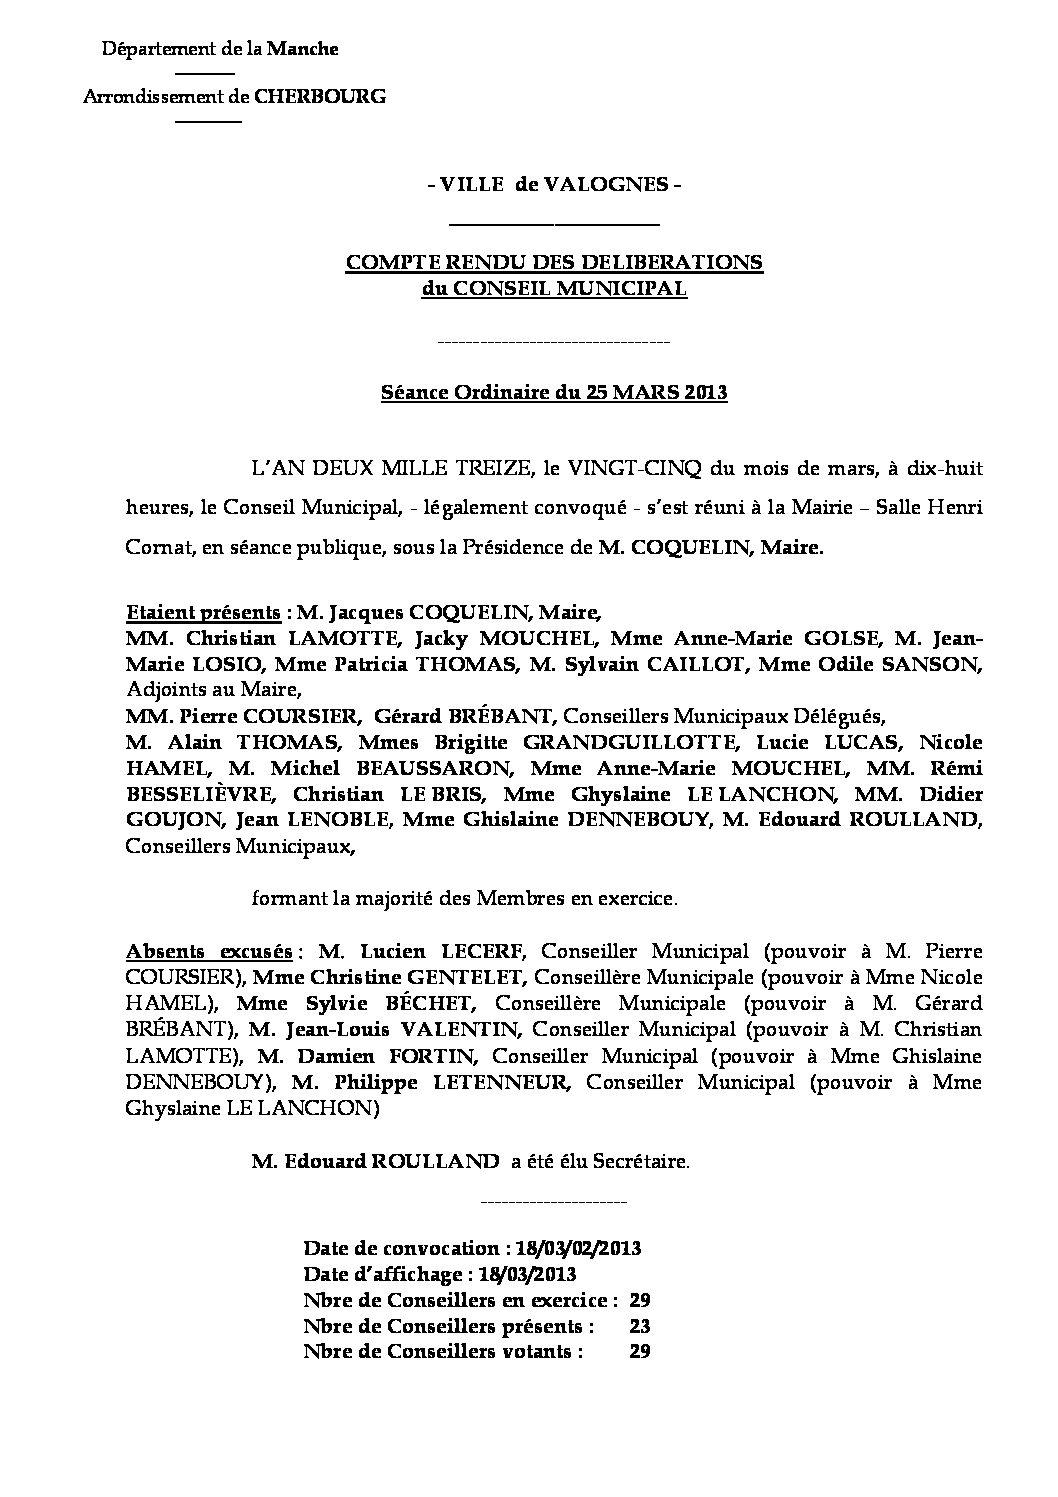 Extrait du registre des délibérations du 25-03-2013 - Compte rendu des questions soumises à délibération lors de la séance du Conseil Municipal du 25 mars 2013.